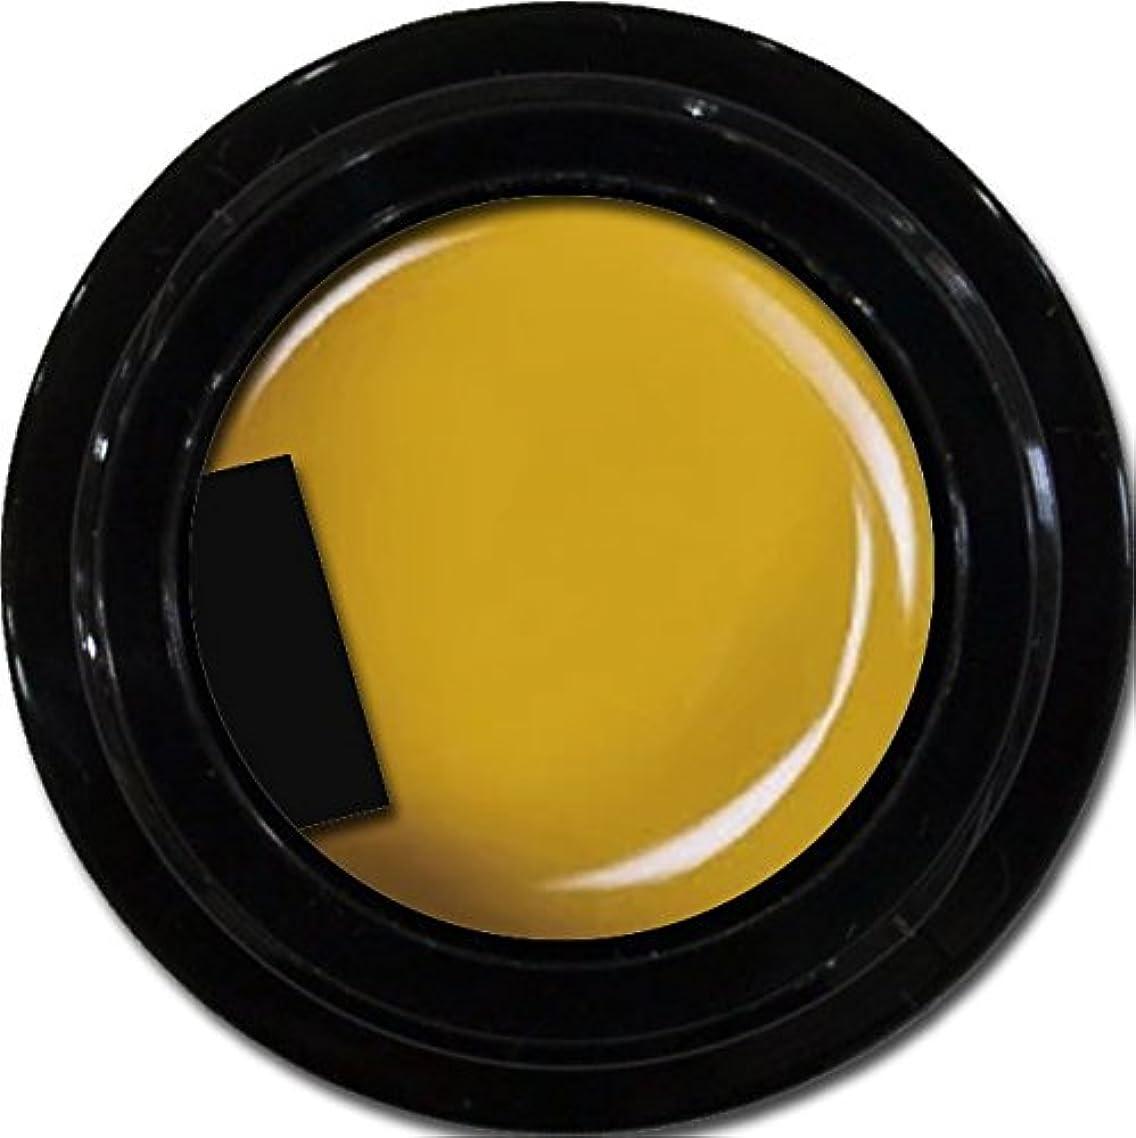 ボードに渡って絵カラージェル enchant color gel M605 Cameron3g/ マットカラージェル M605キャメロン 3グラム